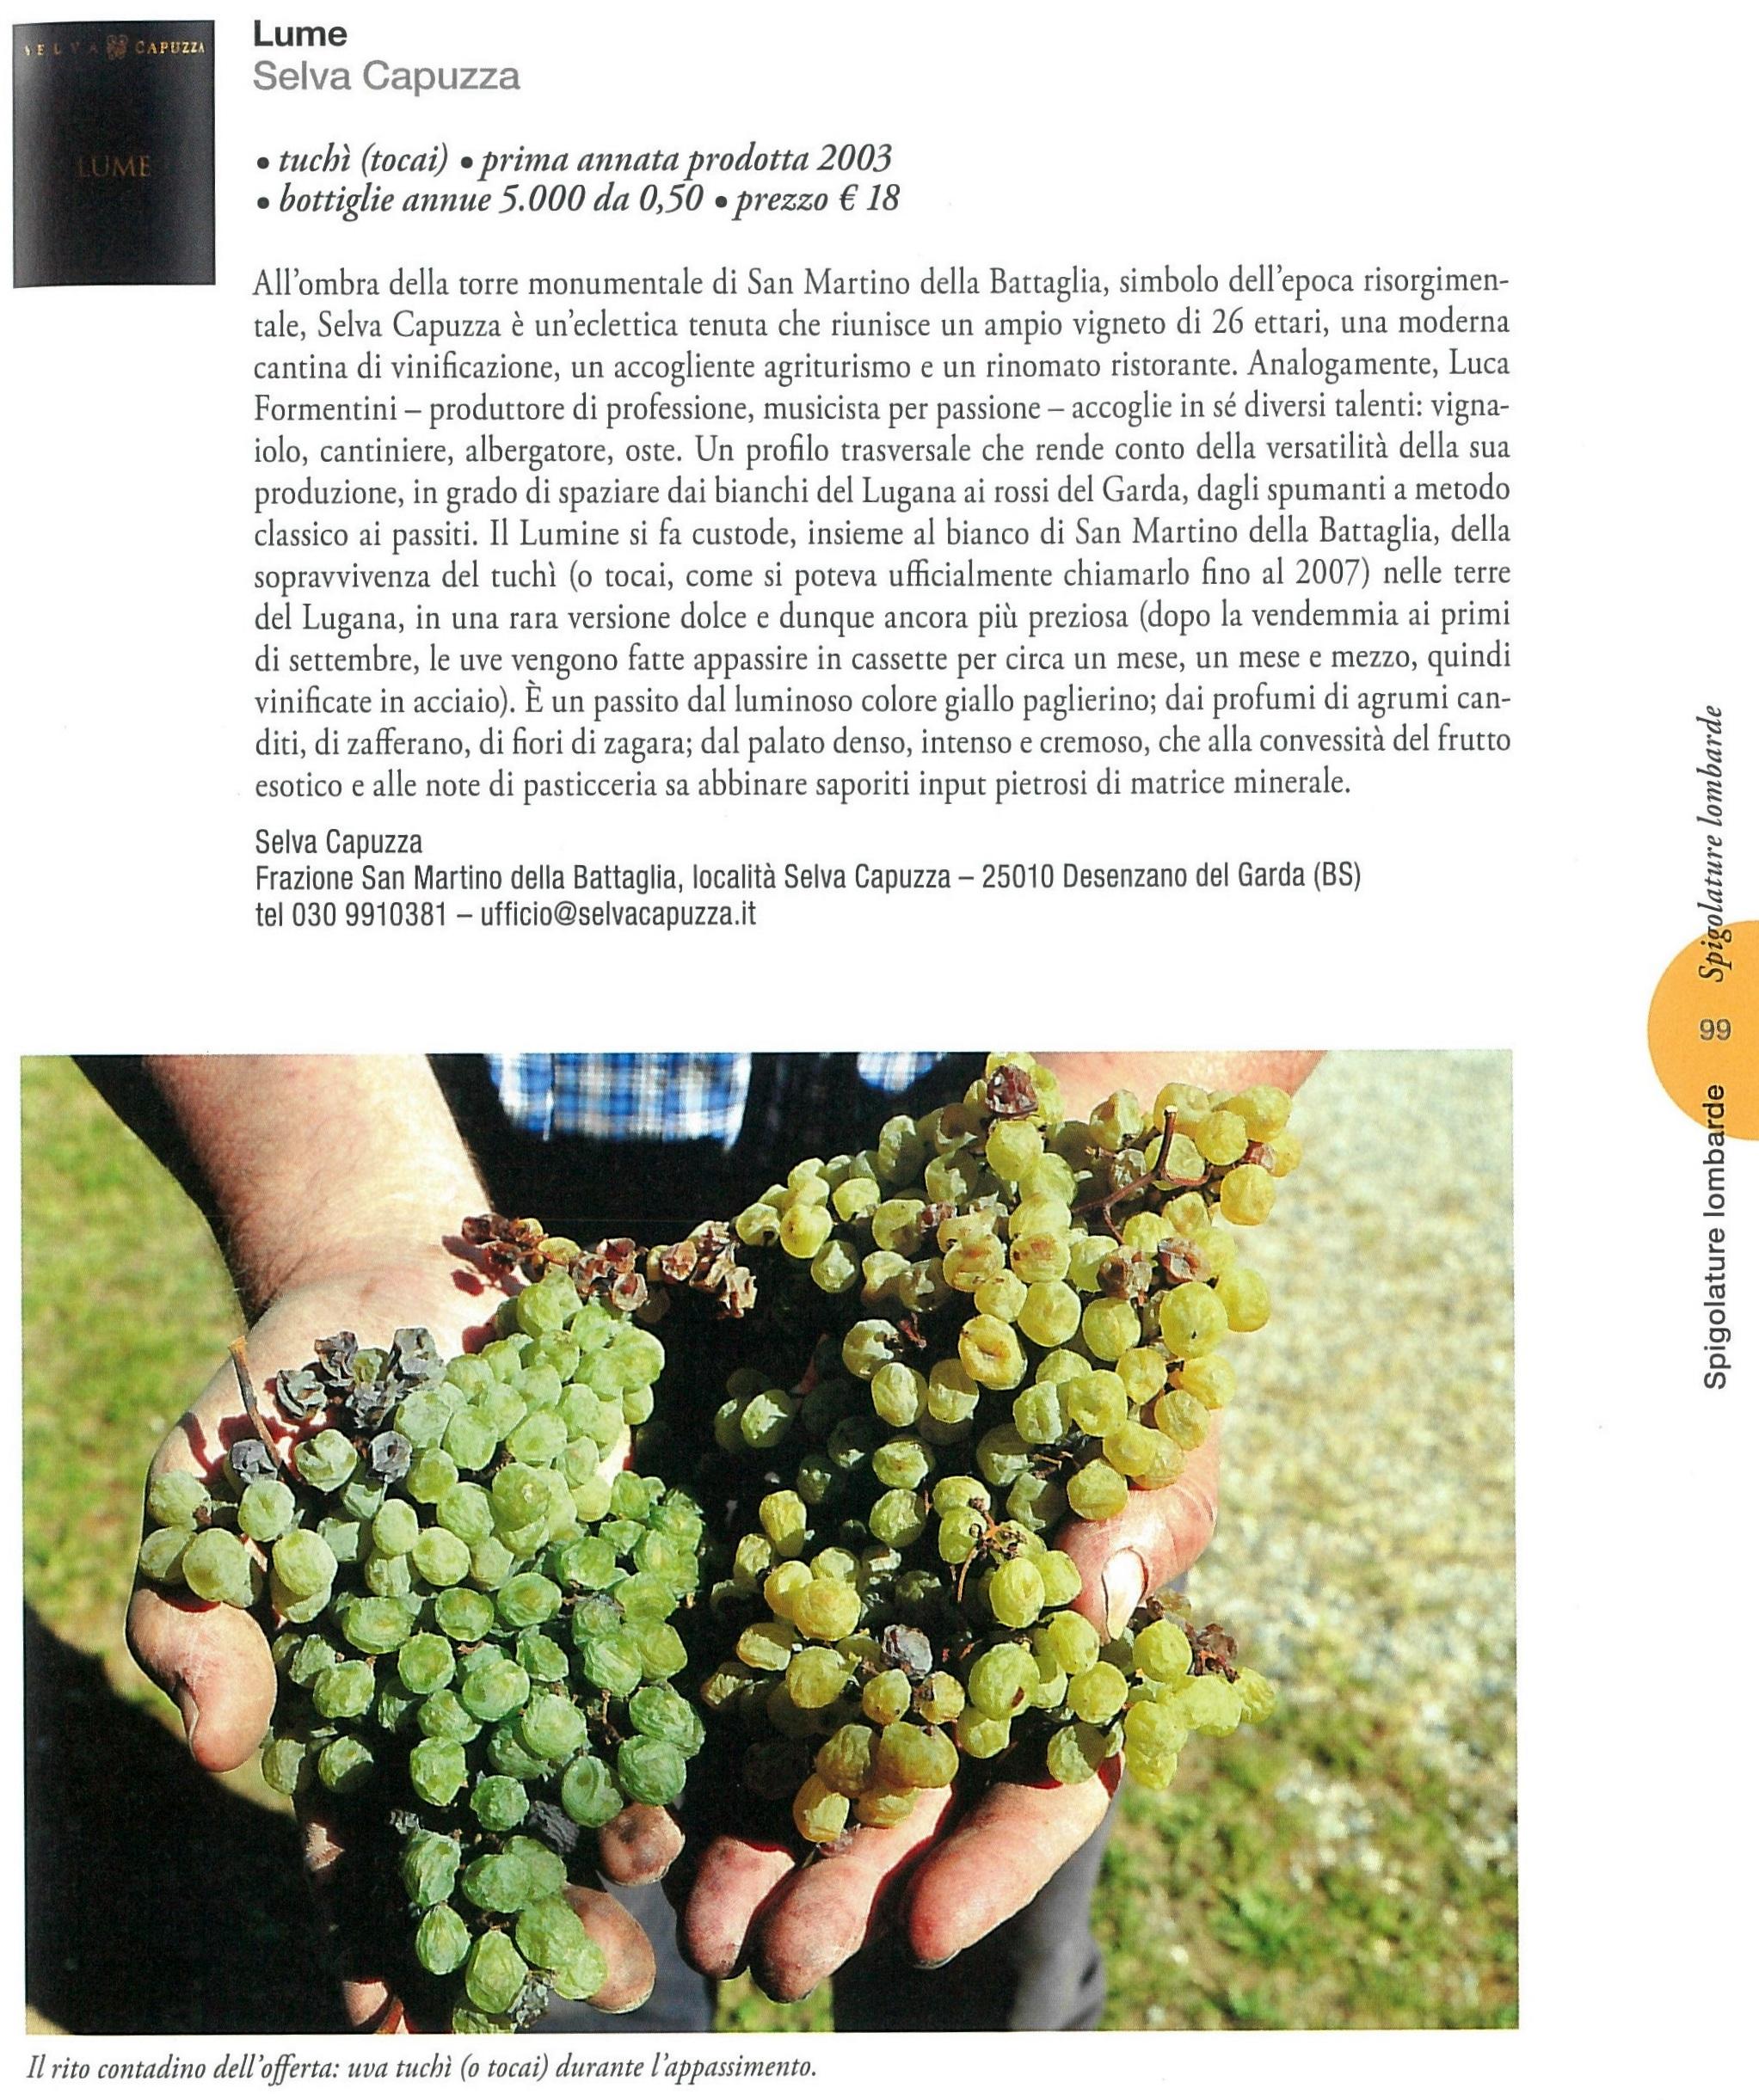 Vini Dolci d'Italia_pag 99.jpg